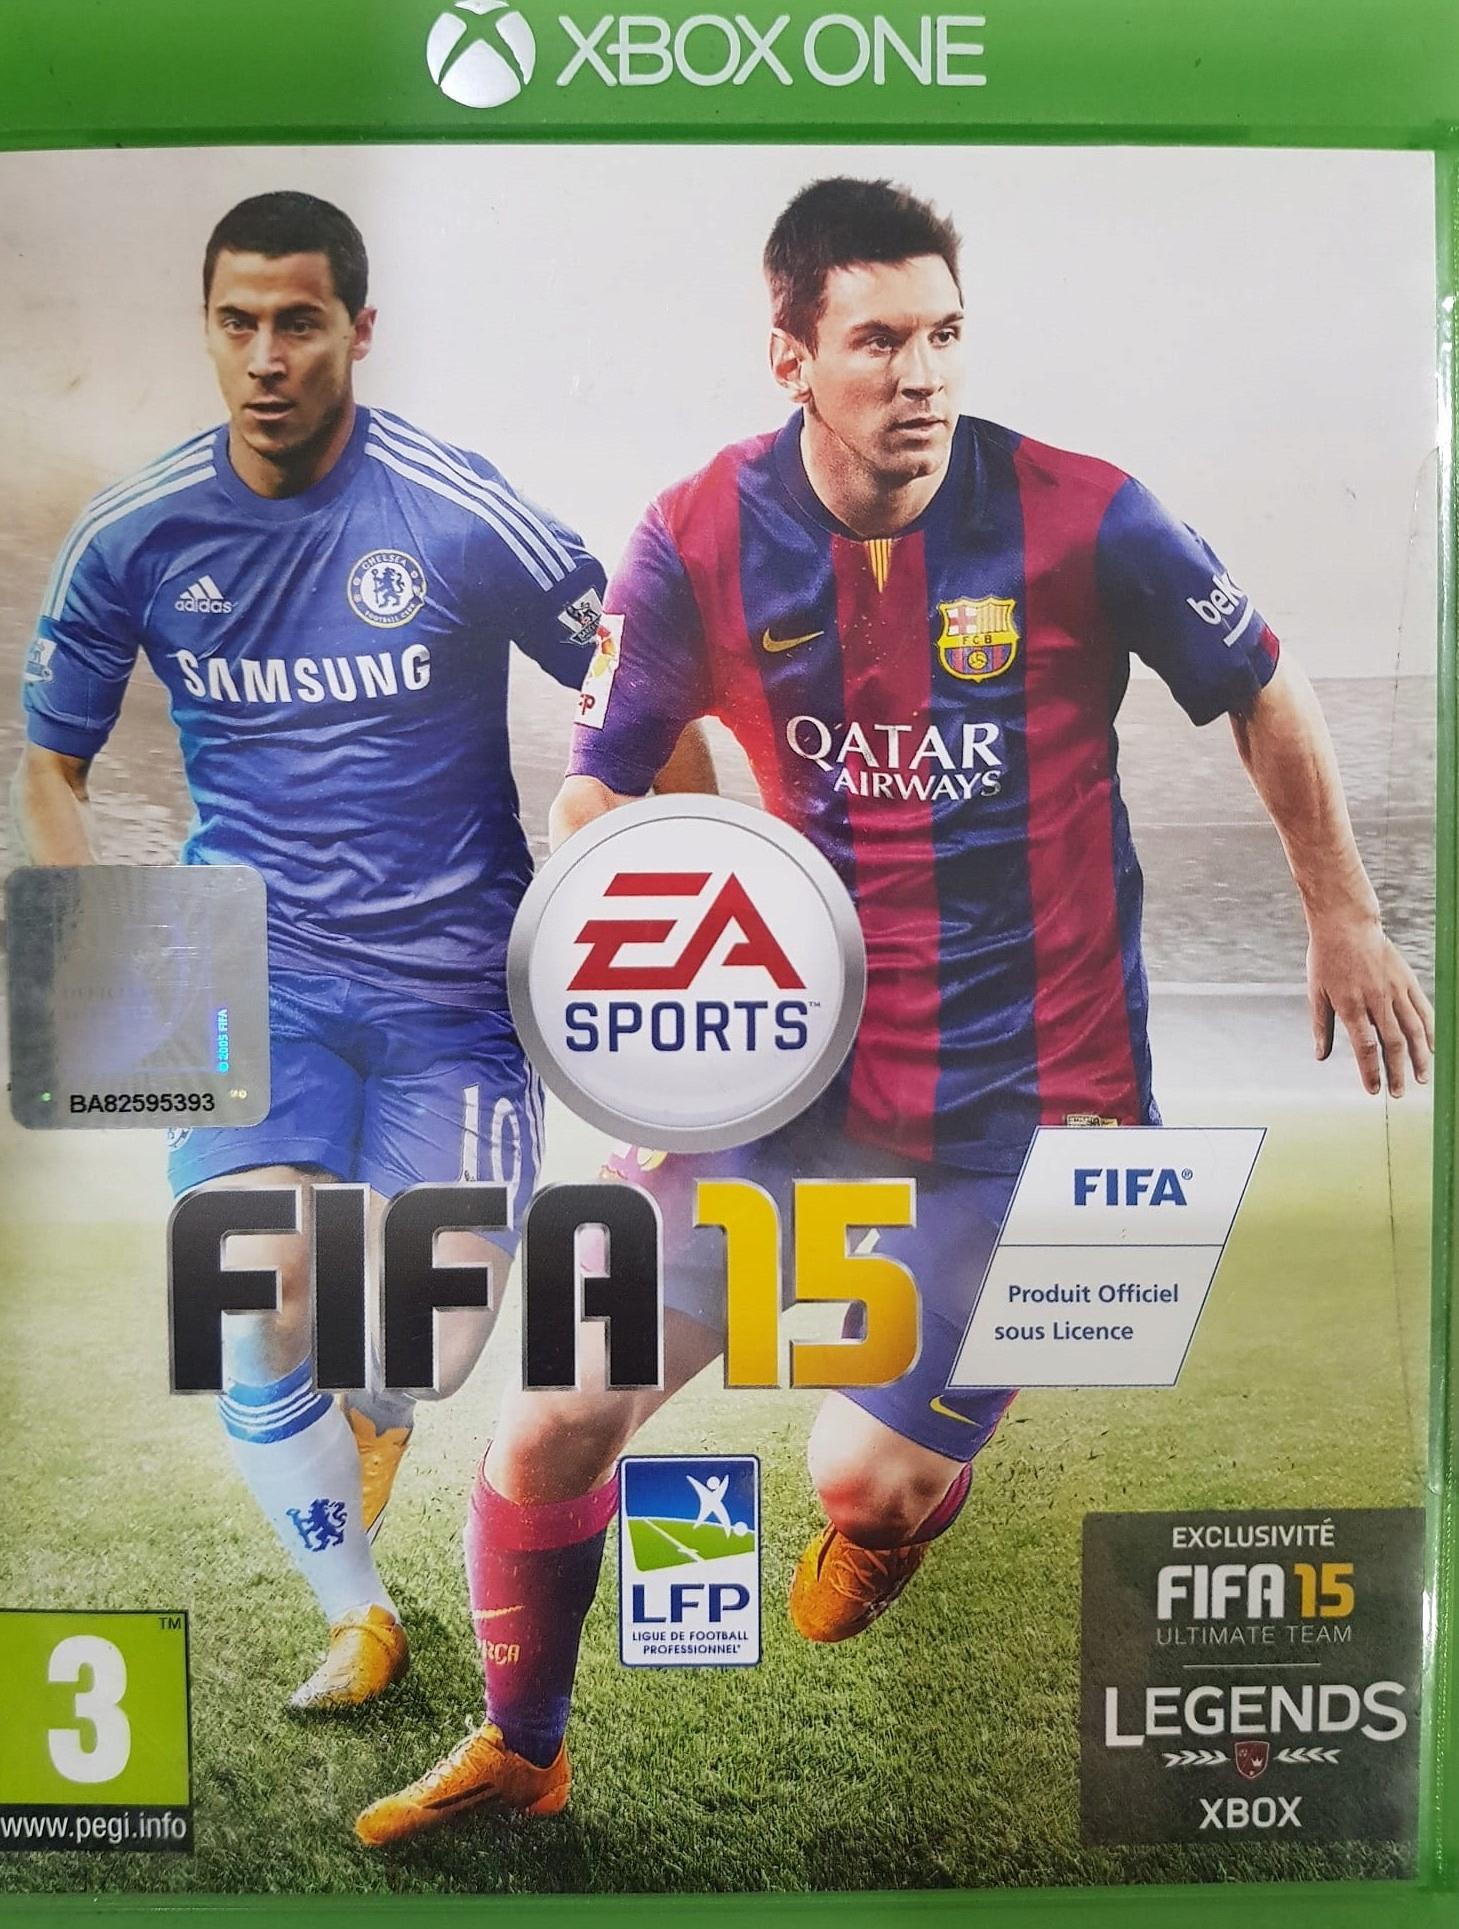 Fifa 15 Xbox One Uzywana 15 Zl Stan Uzywany Gra Sportowa 9553275105 Allegro Pl